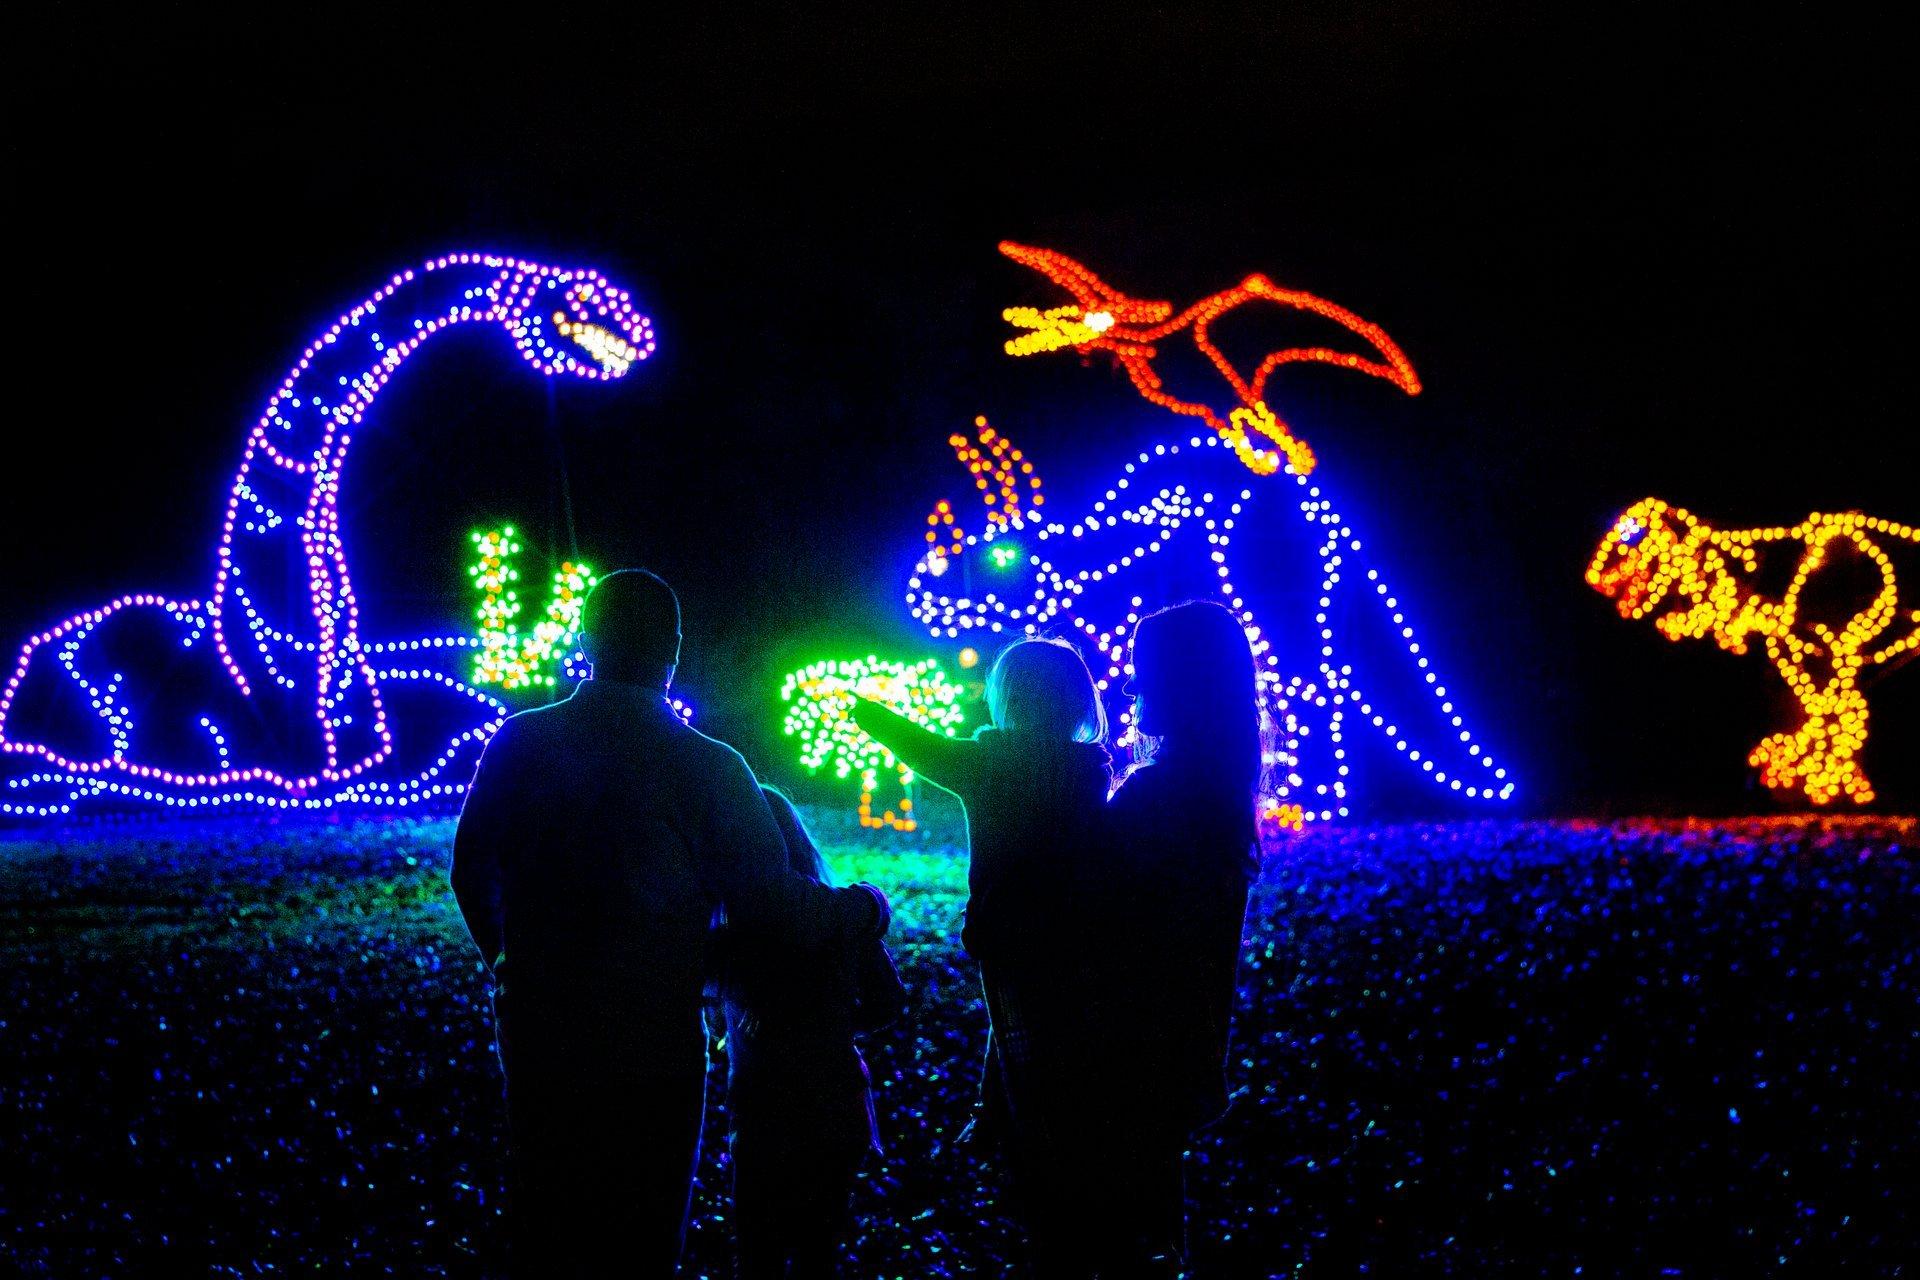 Oglebay Winter Festival of Lights in West Virginia - Best Season 2020